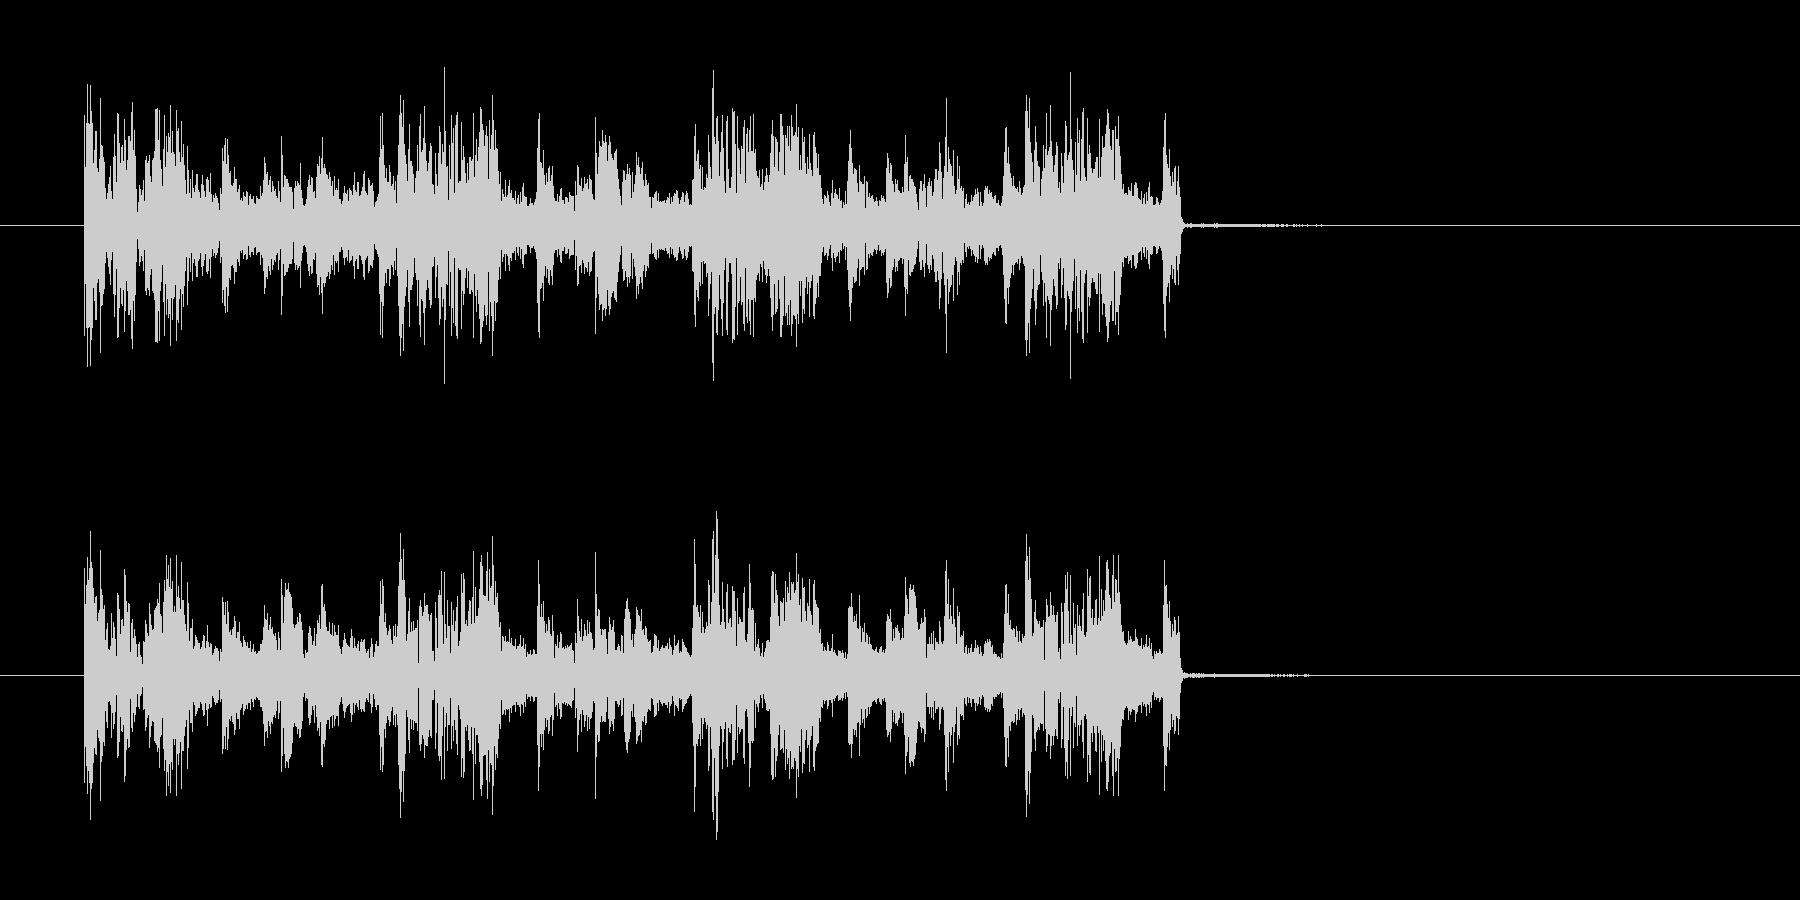 ギターの効いた短いロックの曲の未再生の波形